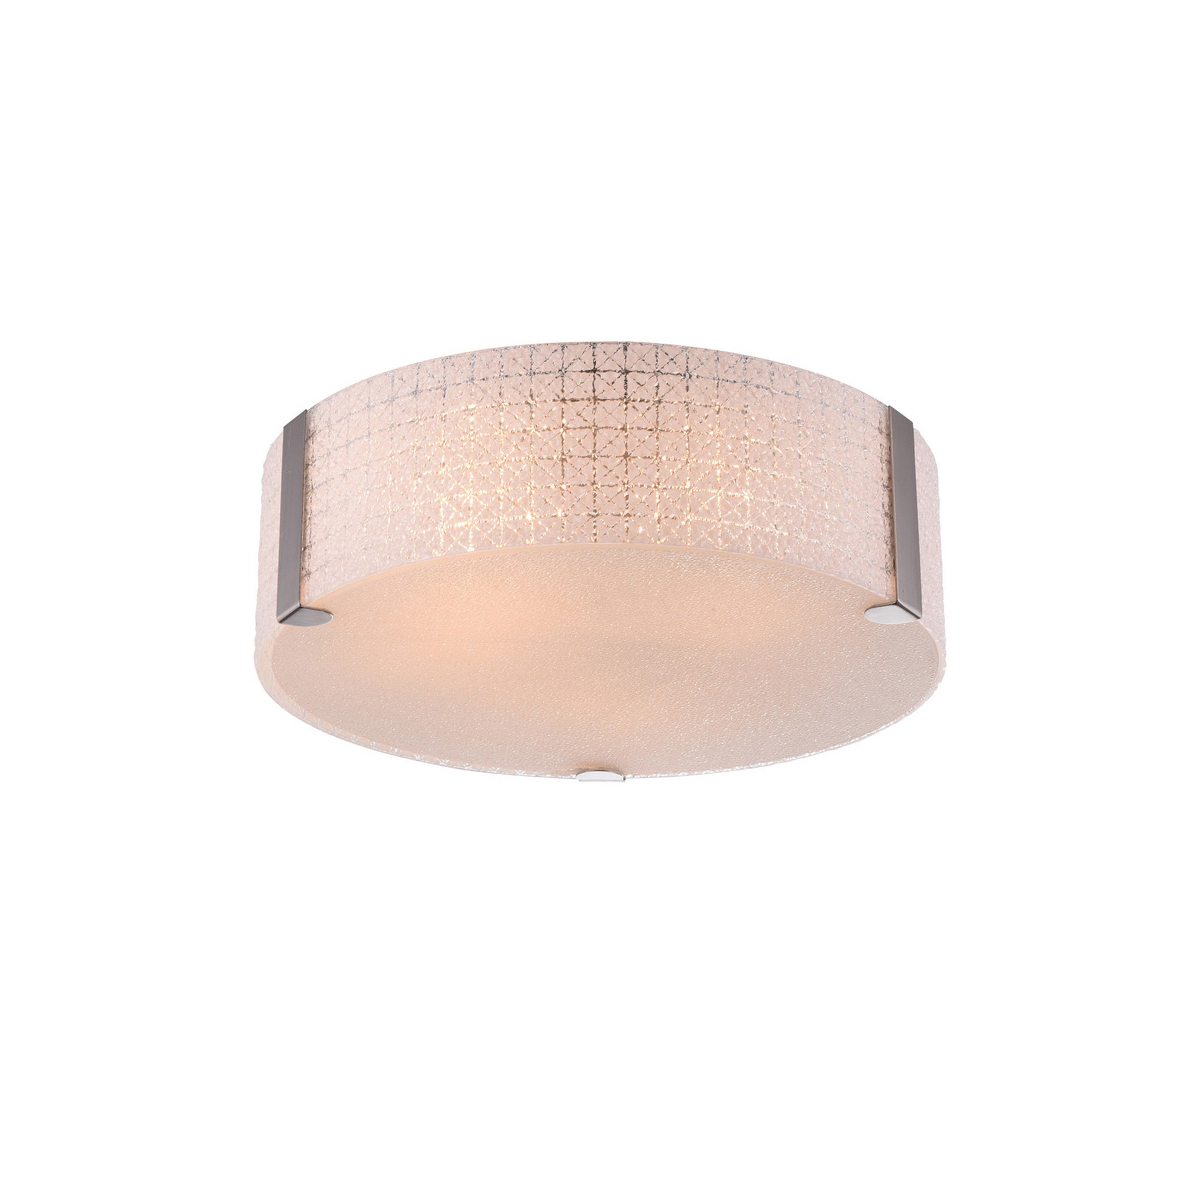 Светильник потолочный ClaraПотолочные светильники<br>Светильник потолочный в стиле Арт-Деко. Светильник поставляется в разобранном виде и имеет в комплекте все необходимые для монтажа крепежные элементы.&amp;lt;div&amp;gt;&amp;lt;br&amp;gt;&amp;lt;/div&amp;gt;&amp;lt;div&amp;gt;&amp;lt;div&amp;gt;Цоколь: E27&amp;lt;/div&amp;gt;&amp;lt;div&amp;gt;Мощность лампы: 60W&amp;lt;/div&amp;gt;&amp;lt;div&amp;gt;Количество ламп: 3&amp;lt;/div&amp;gt;&amp;lt;/div&amp;gt;&amp;lt;div&amp;gt;Лампочки не входят в комплект.&amp;lt;br&amp;gt;&amp;lt;/div&amp;gt;<br><br>Material: Металл<br>Height см: 20<br>Diameter см: 40